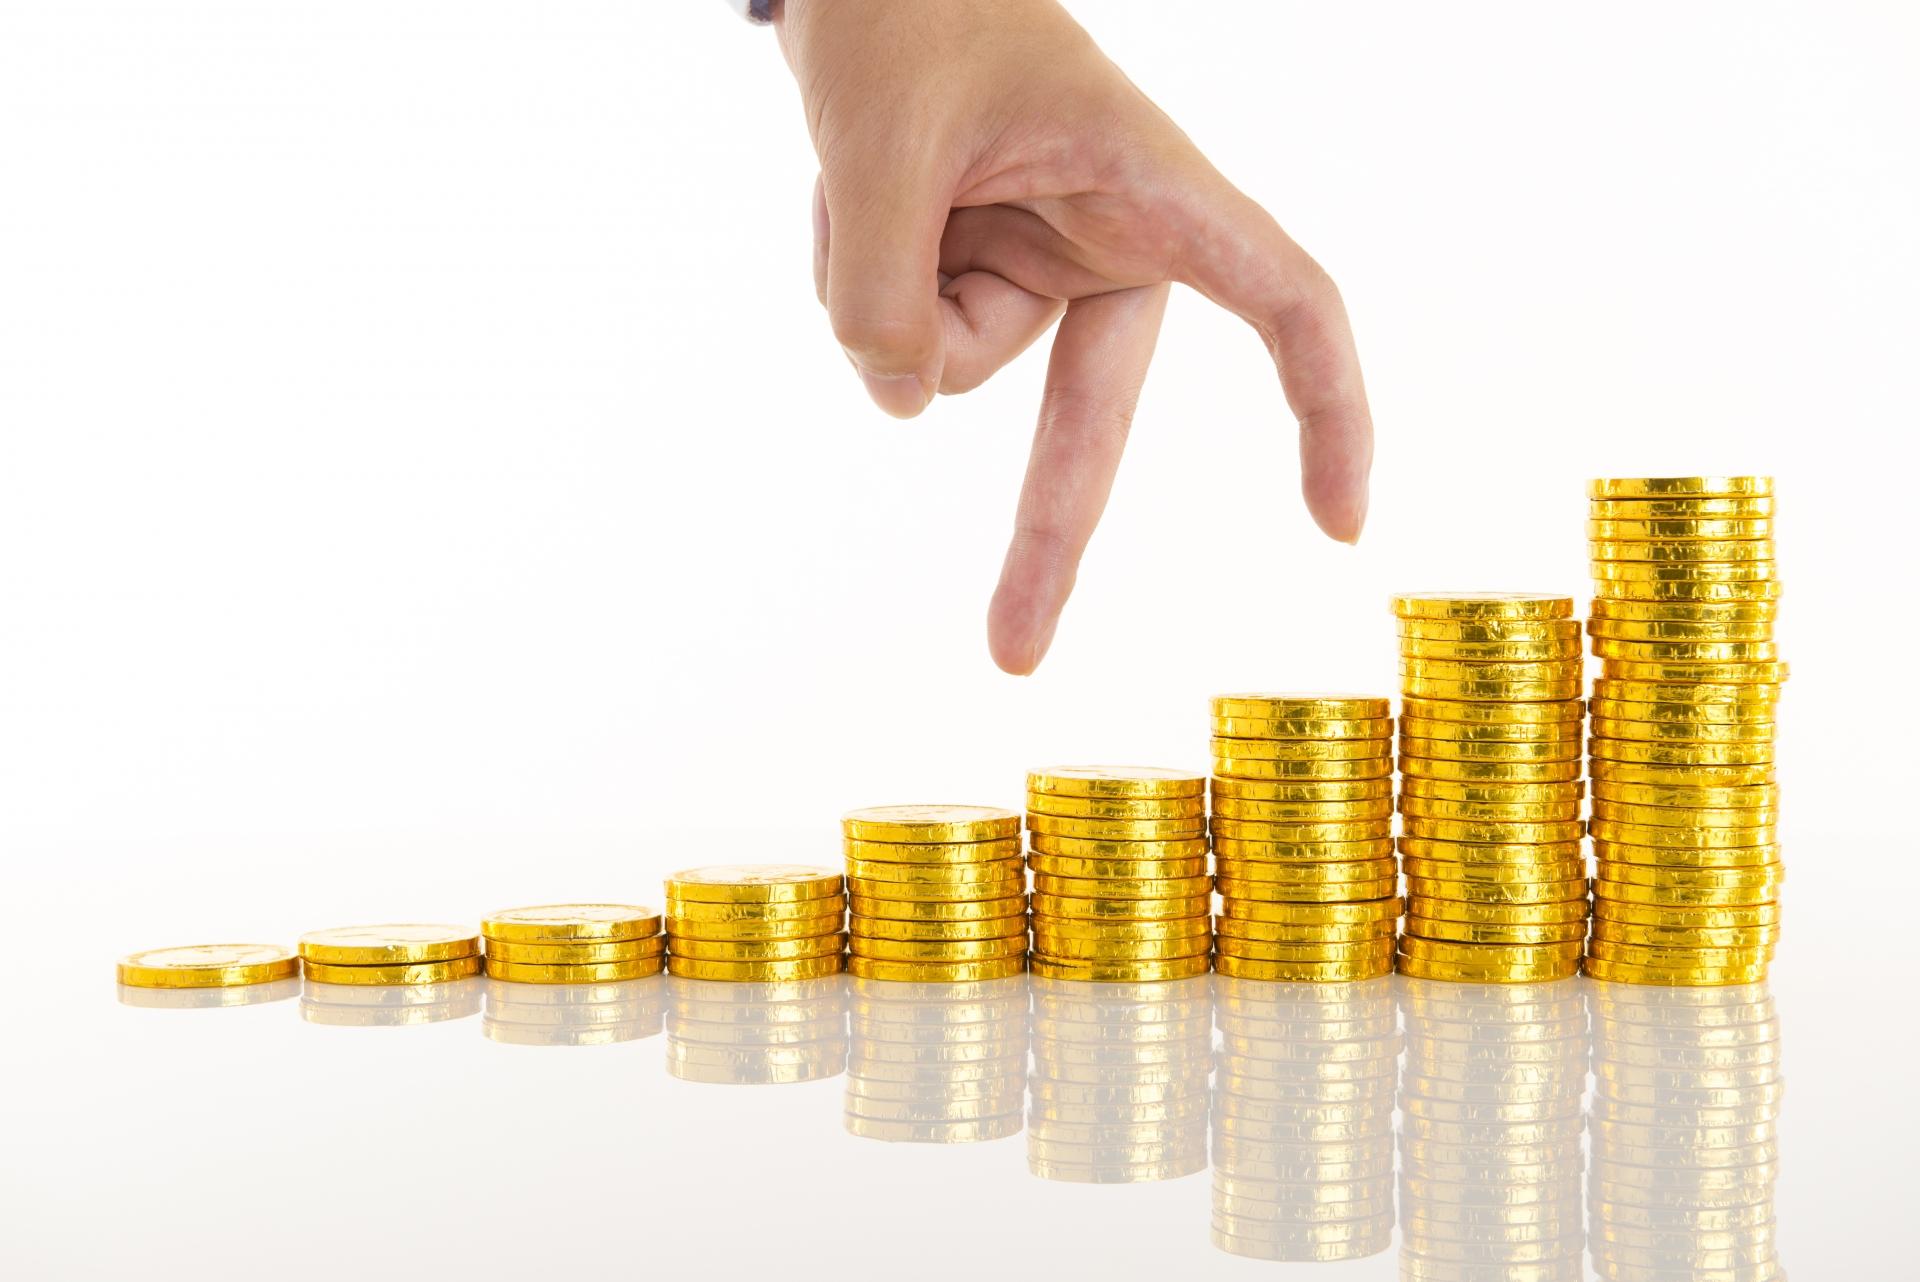 ファイナンシャルプランに希望を与える5つのステップ 1.貯蓄割合を増やす